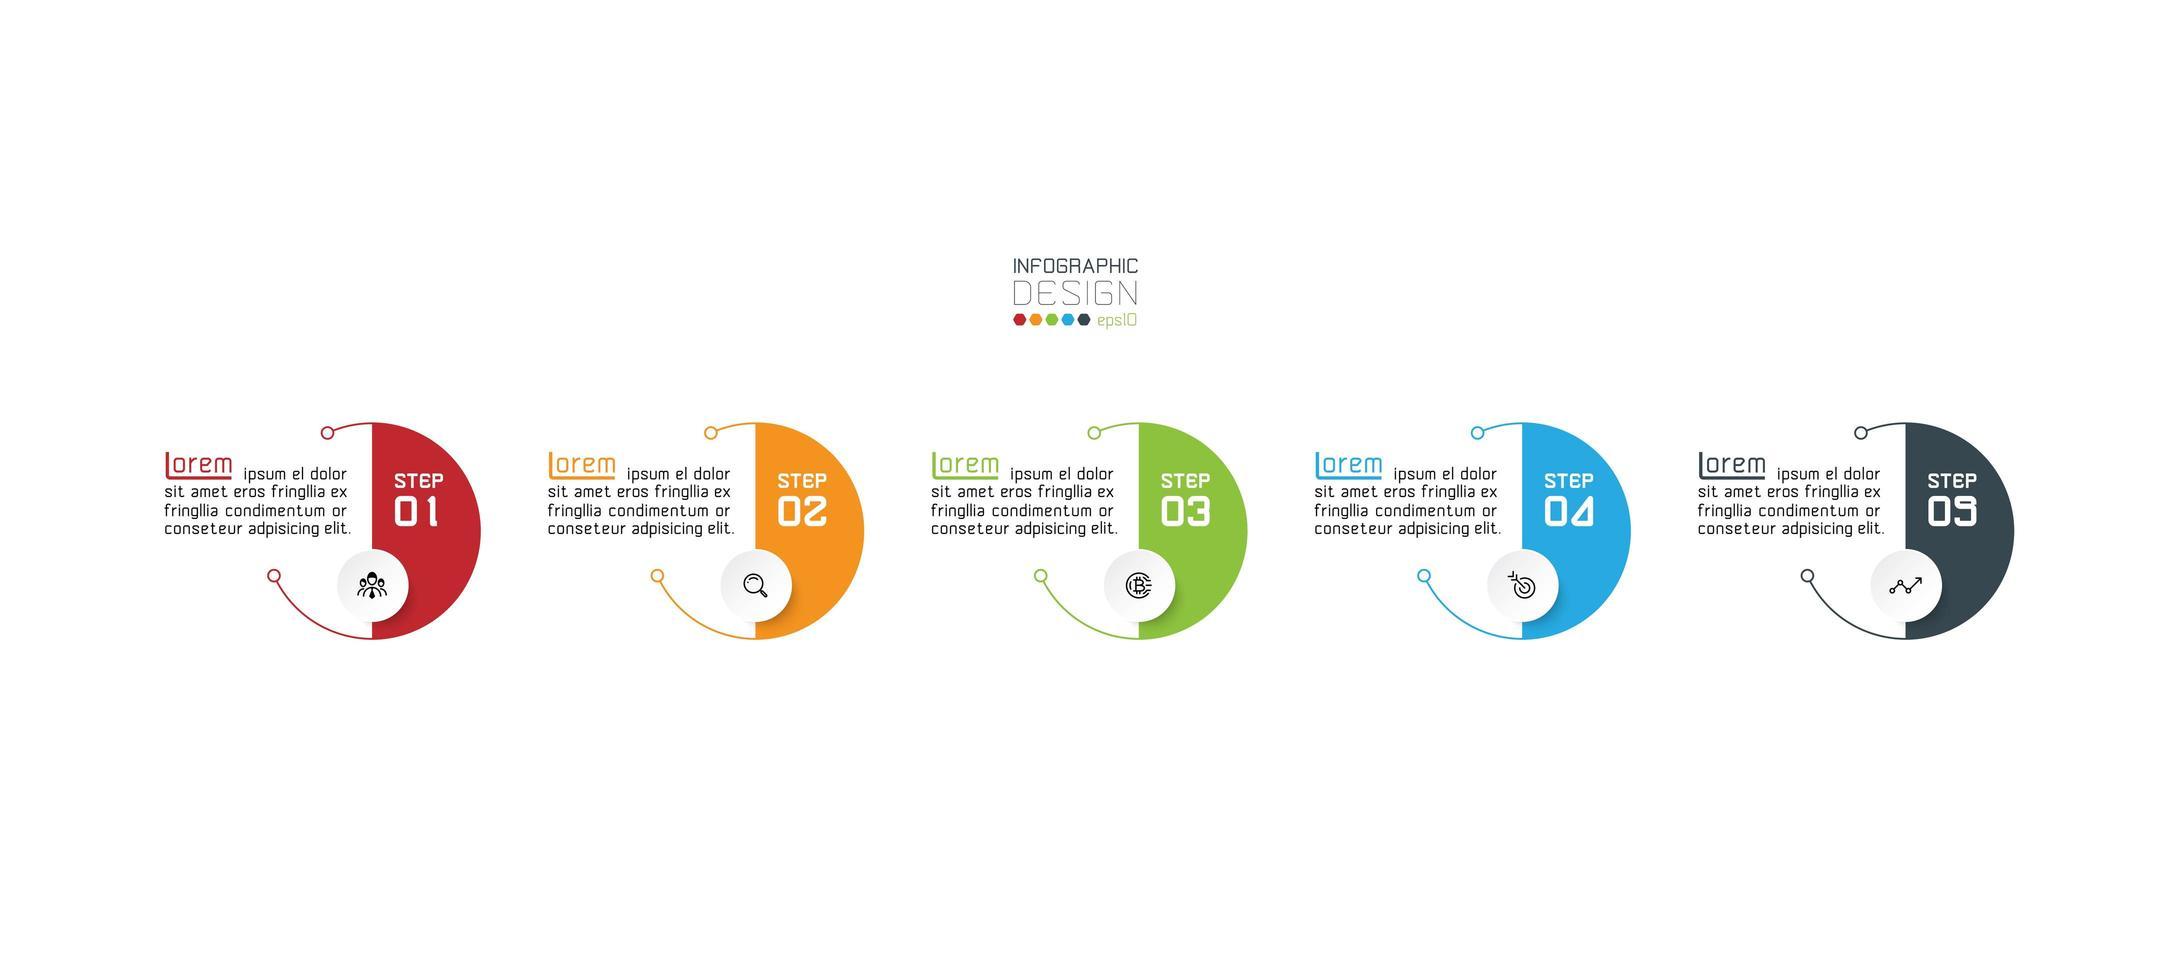 cerchi moderni, modello di progettazione infografica vettore